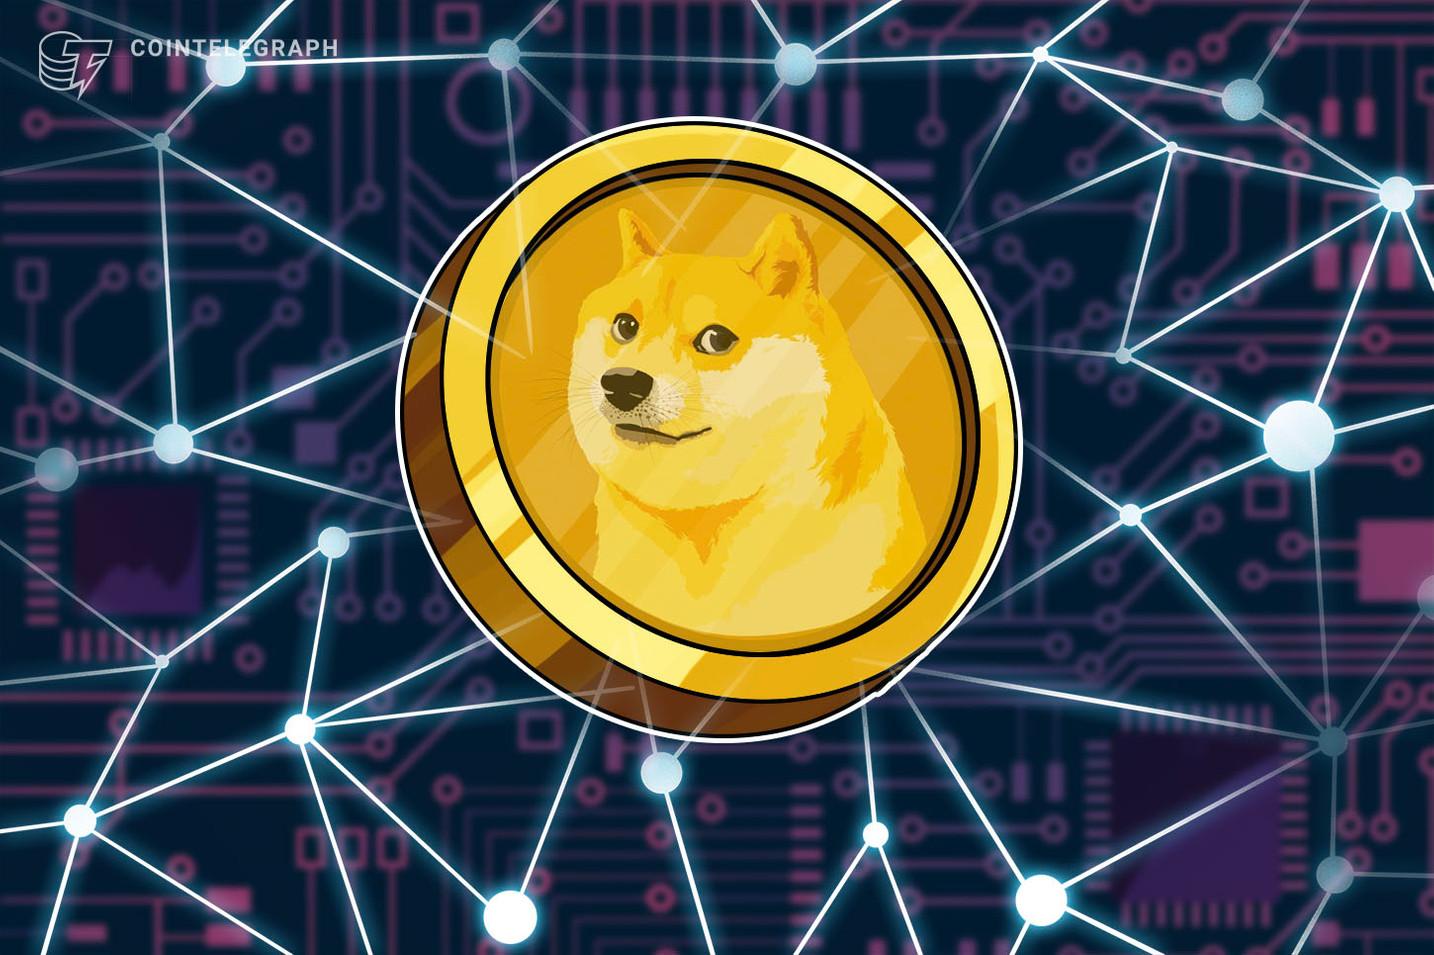 Ax paljastab Dogecoin-teemalise kehasprei piiratud hulga